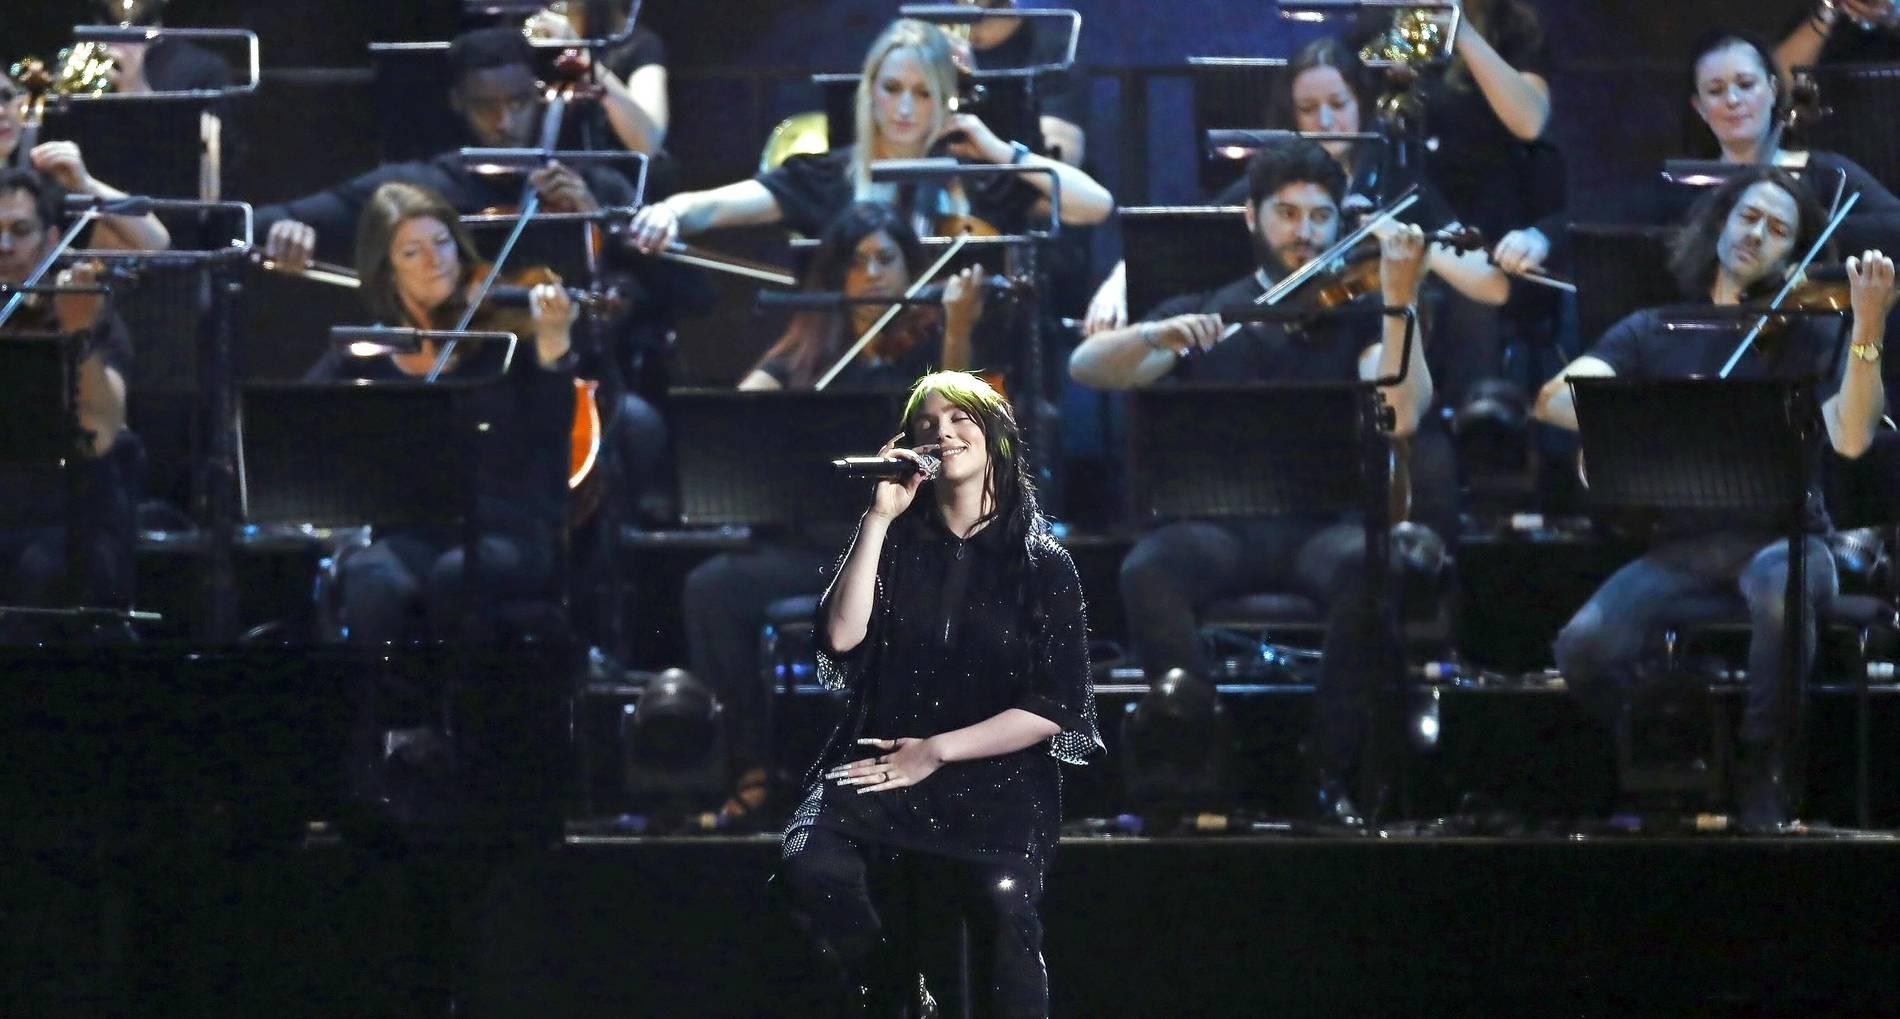 Musikpreisverleihung: Billie Eilish, Stormzy und Lewis Capaldi räumen bei Brit Awards ab